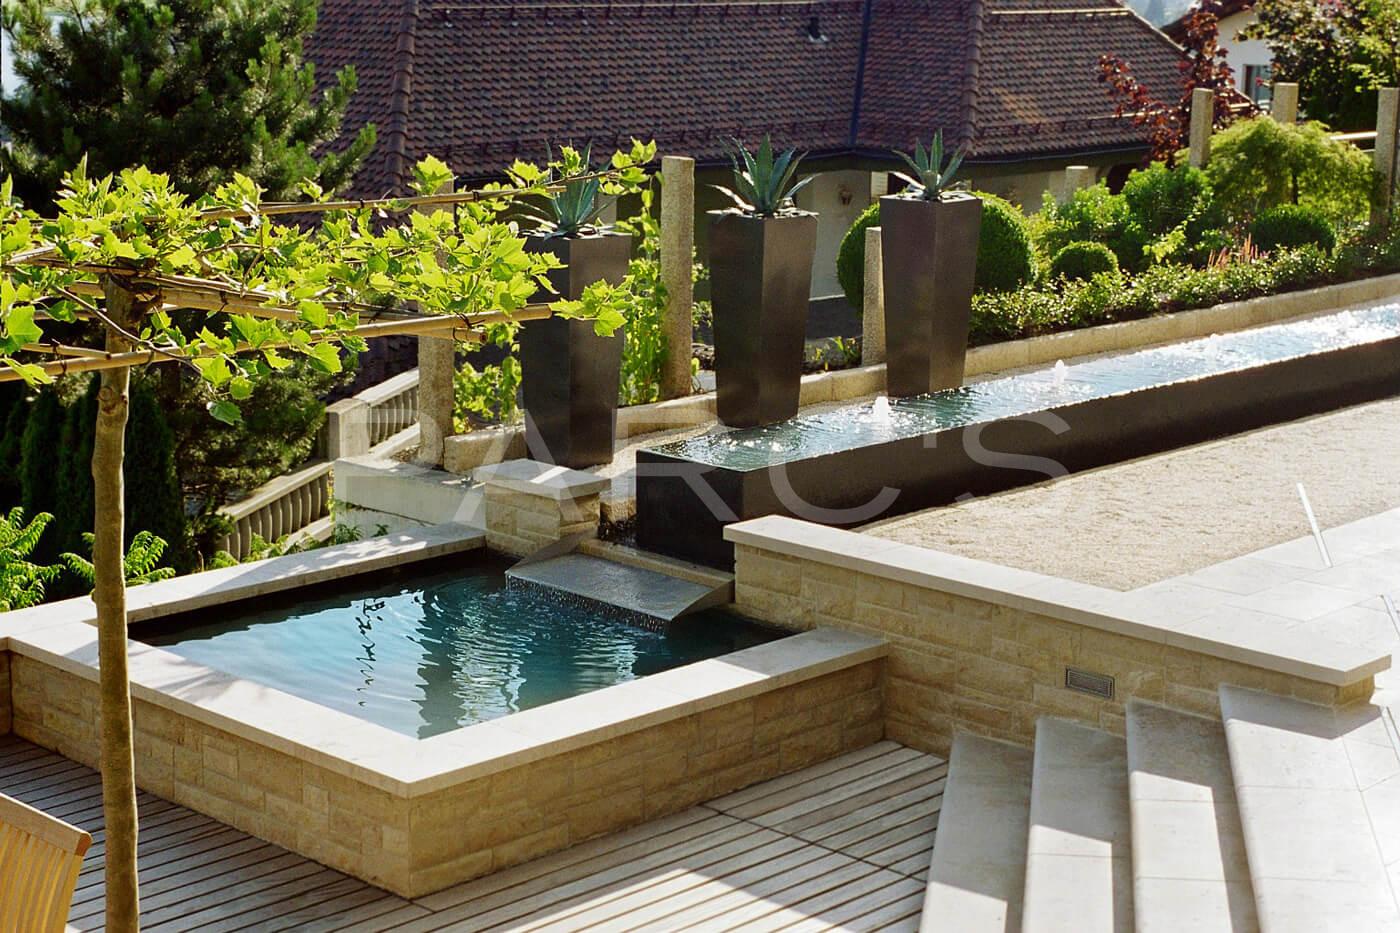 Beruhigendes Ambiente durch Wasserbecken - Gartengestaltung.ch